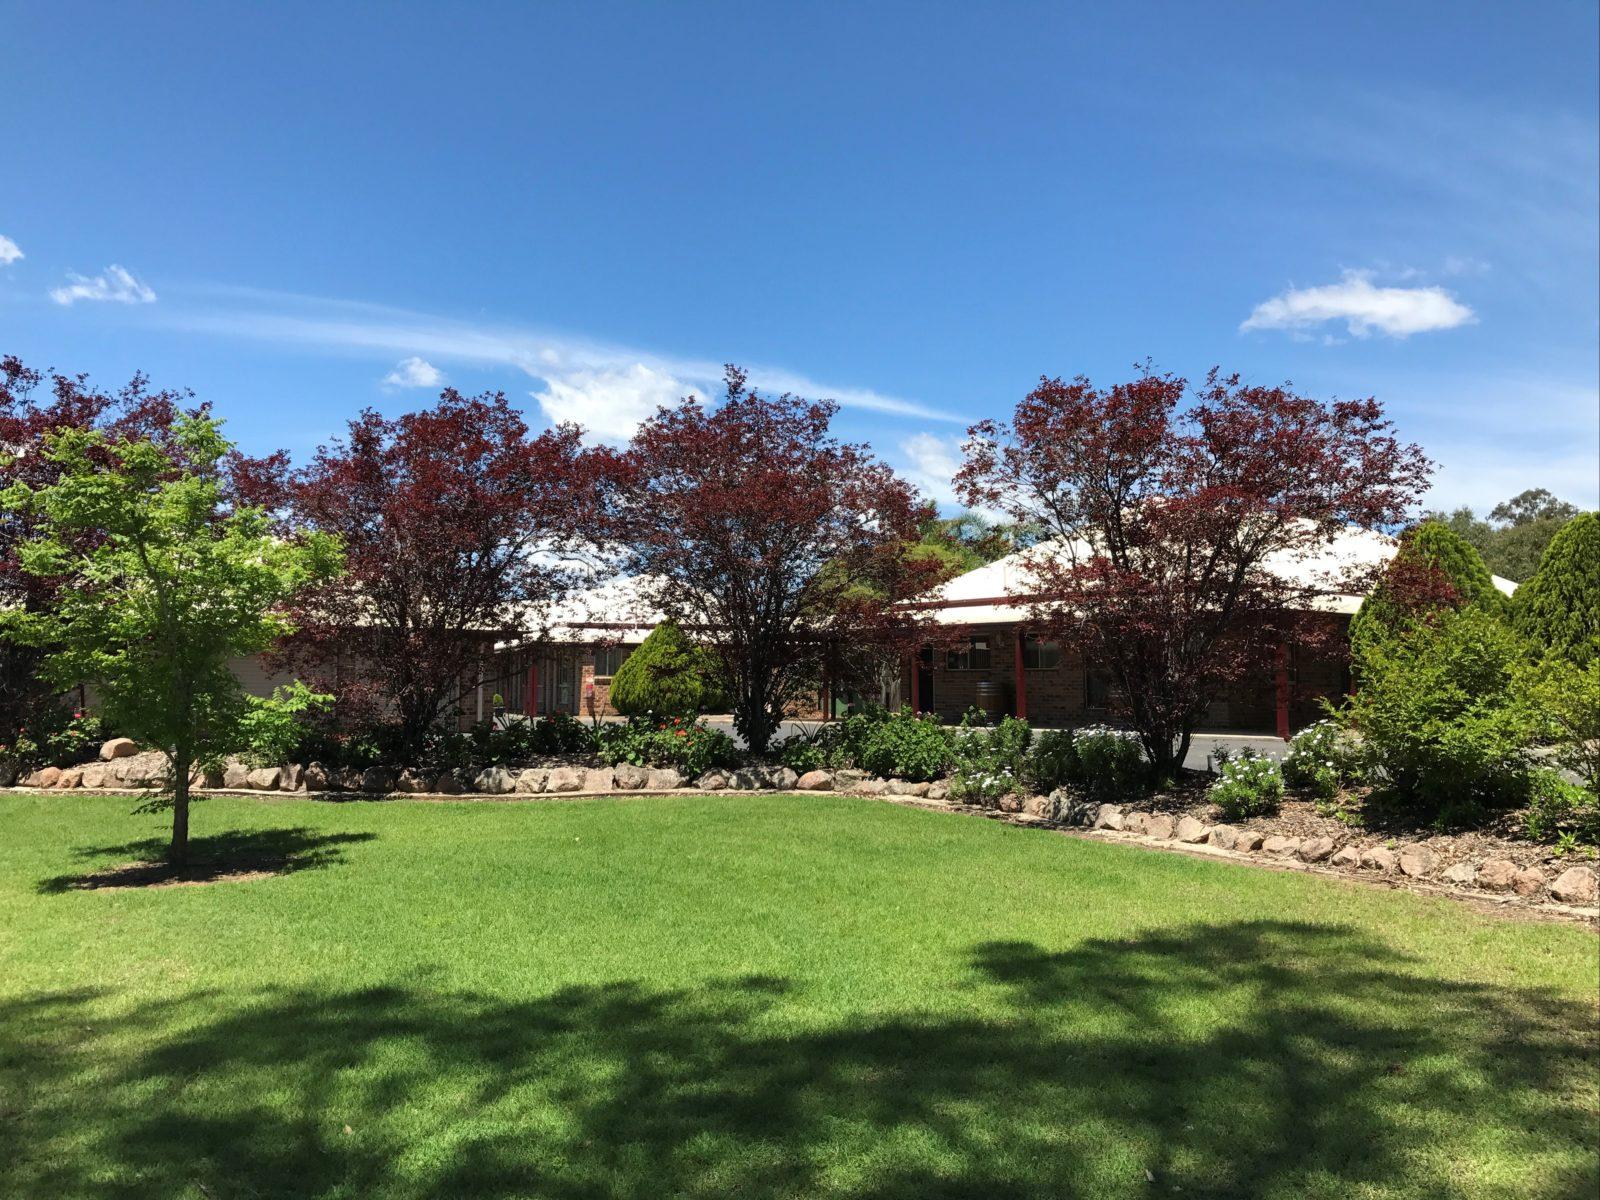 Motel Exterior - Gardens